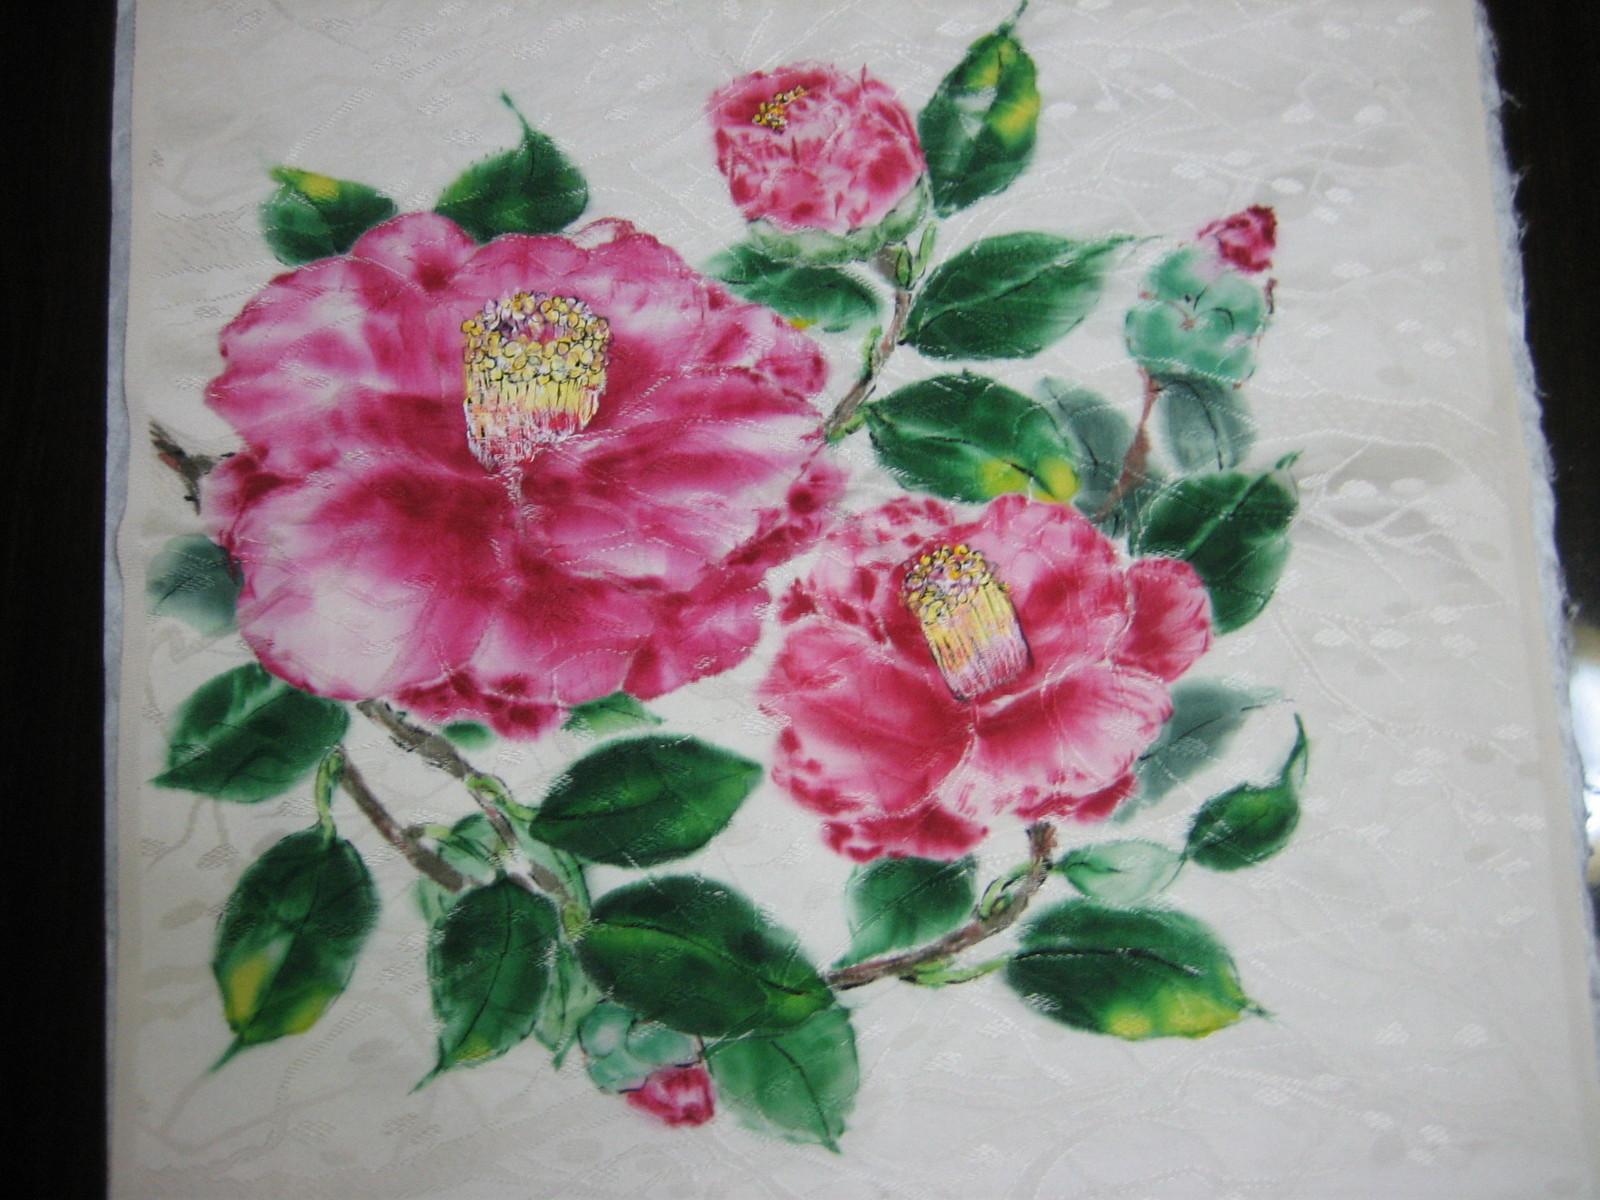 久留米つばきの代表 「正義」の花の絵